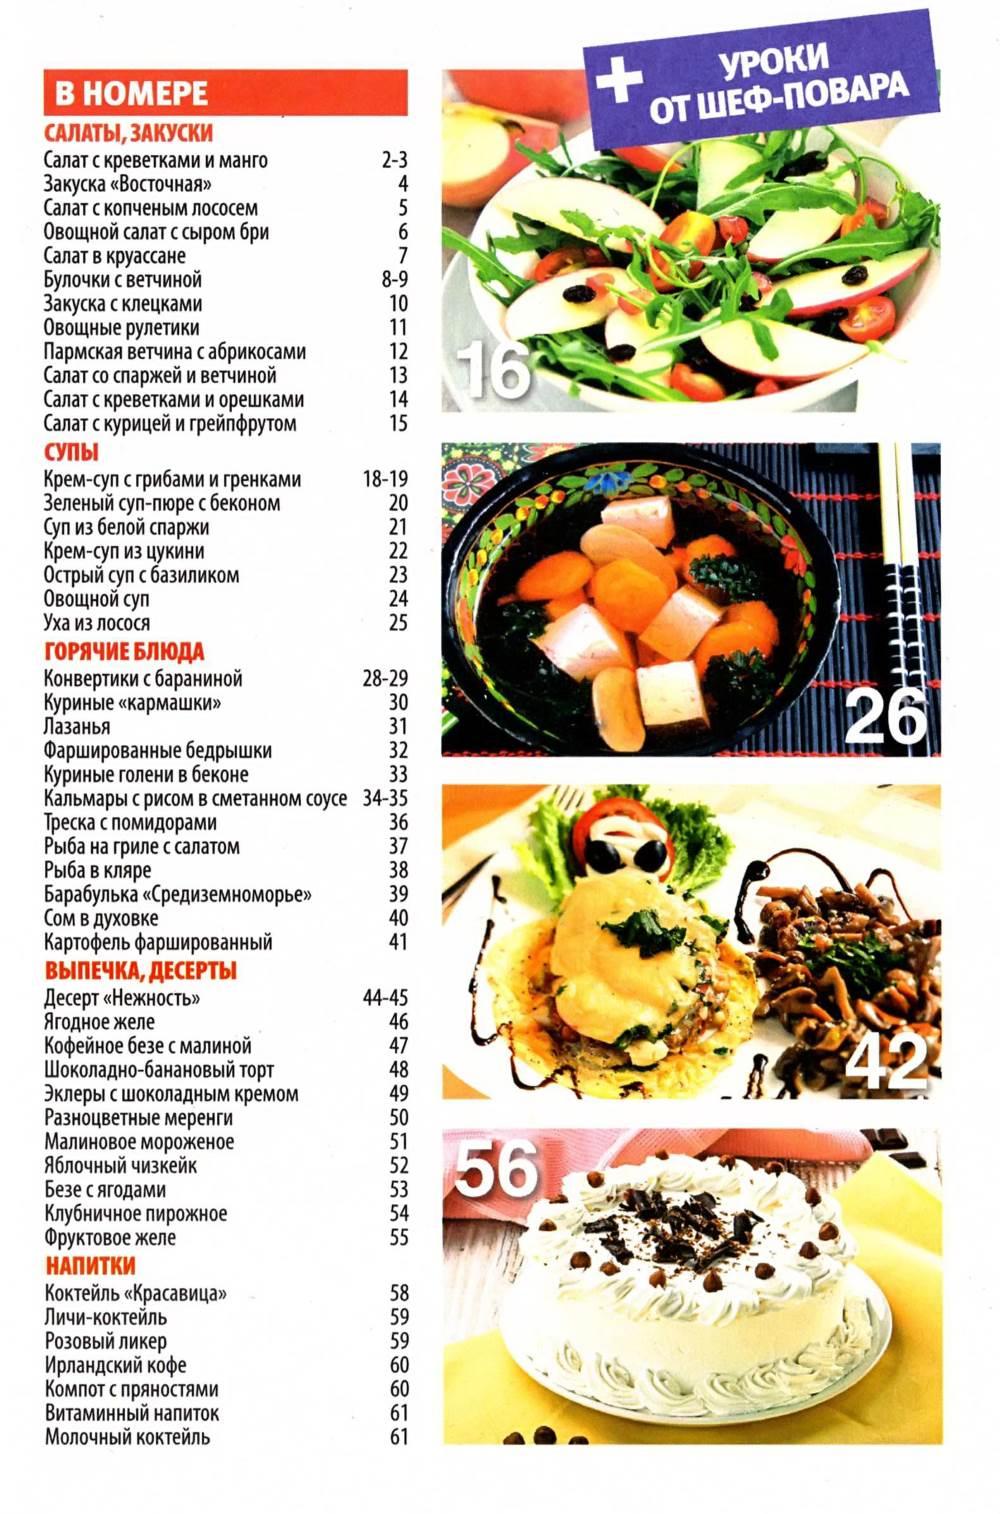 SHkola kulinara    5 2014 goda sod Любимый кулинарно информационный журнал «Школа кулинара №5 2014 года»